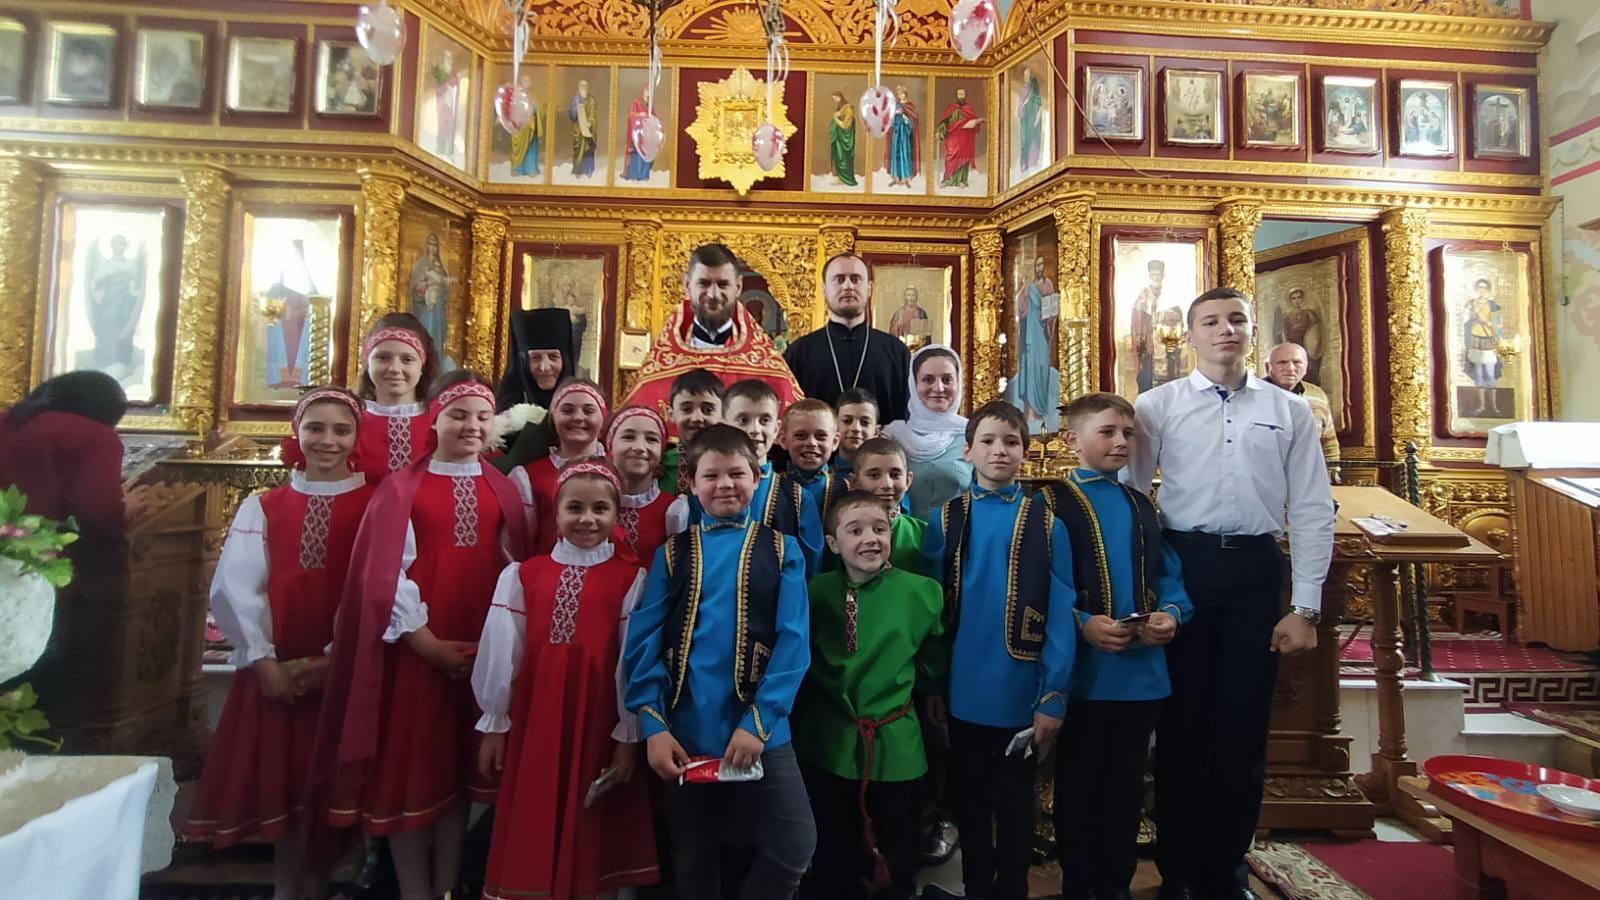 (ФОТО) Состоялось Пасхальное выступление воспитанников церковной школы при монастыре мун. Чадыр-Лунга